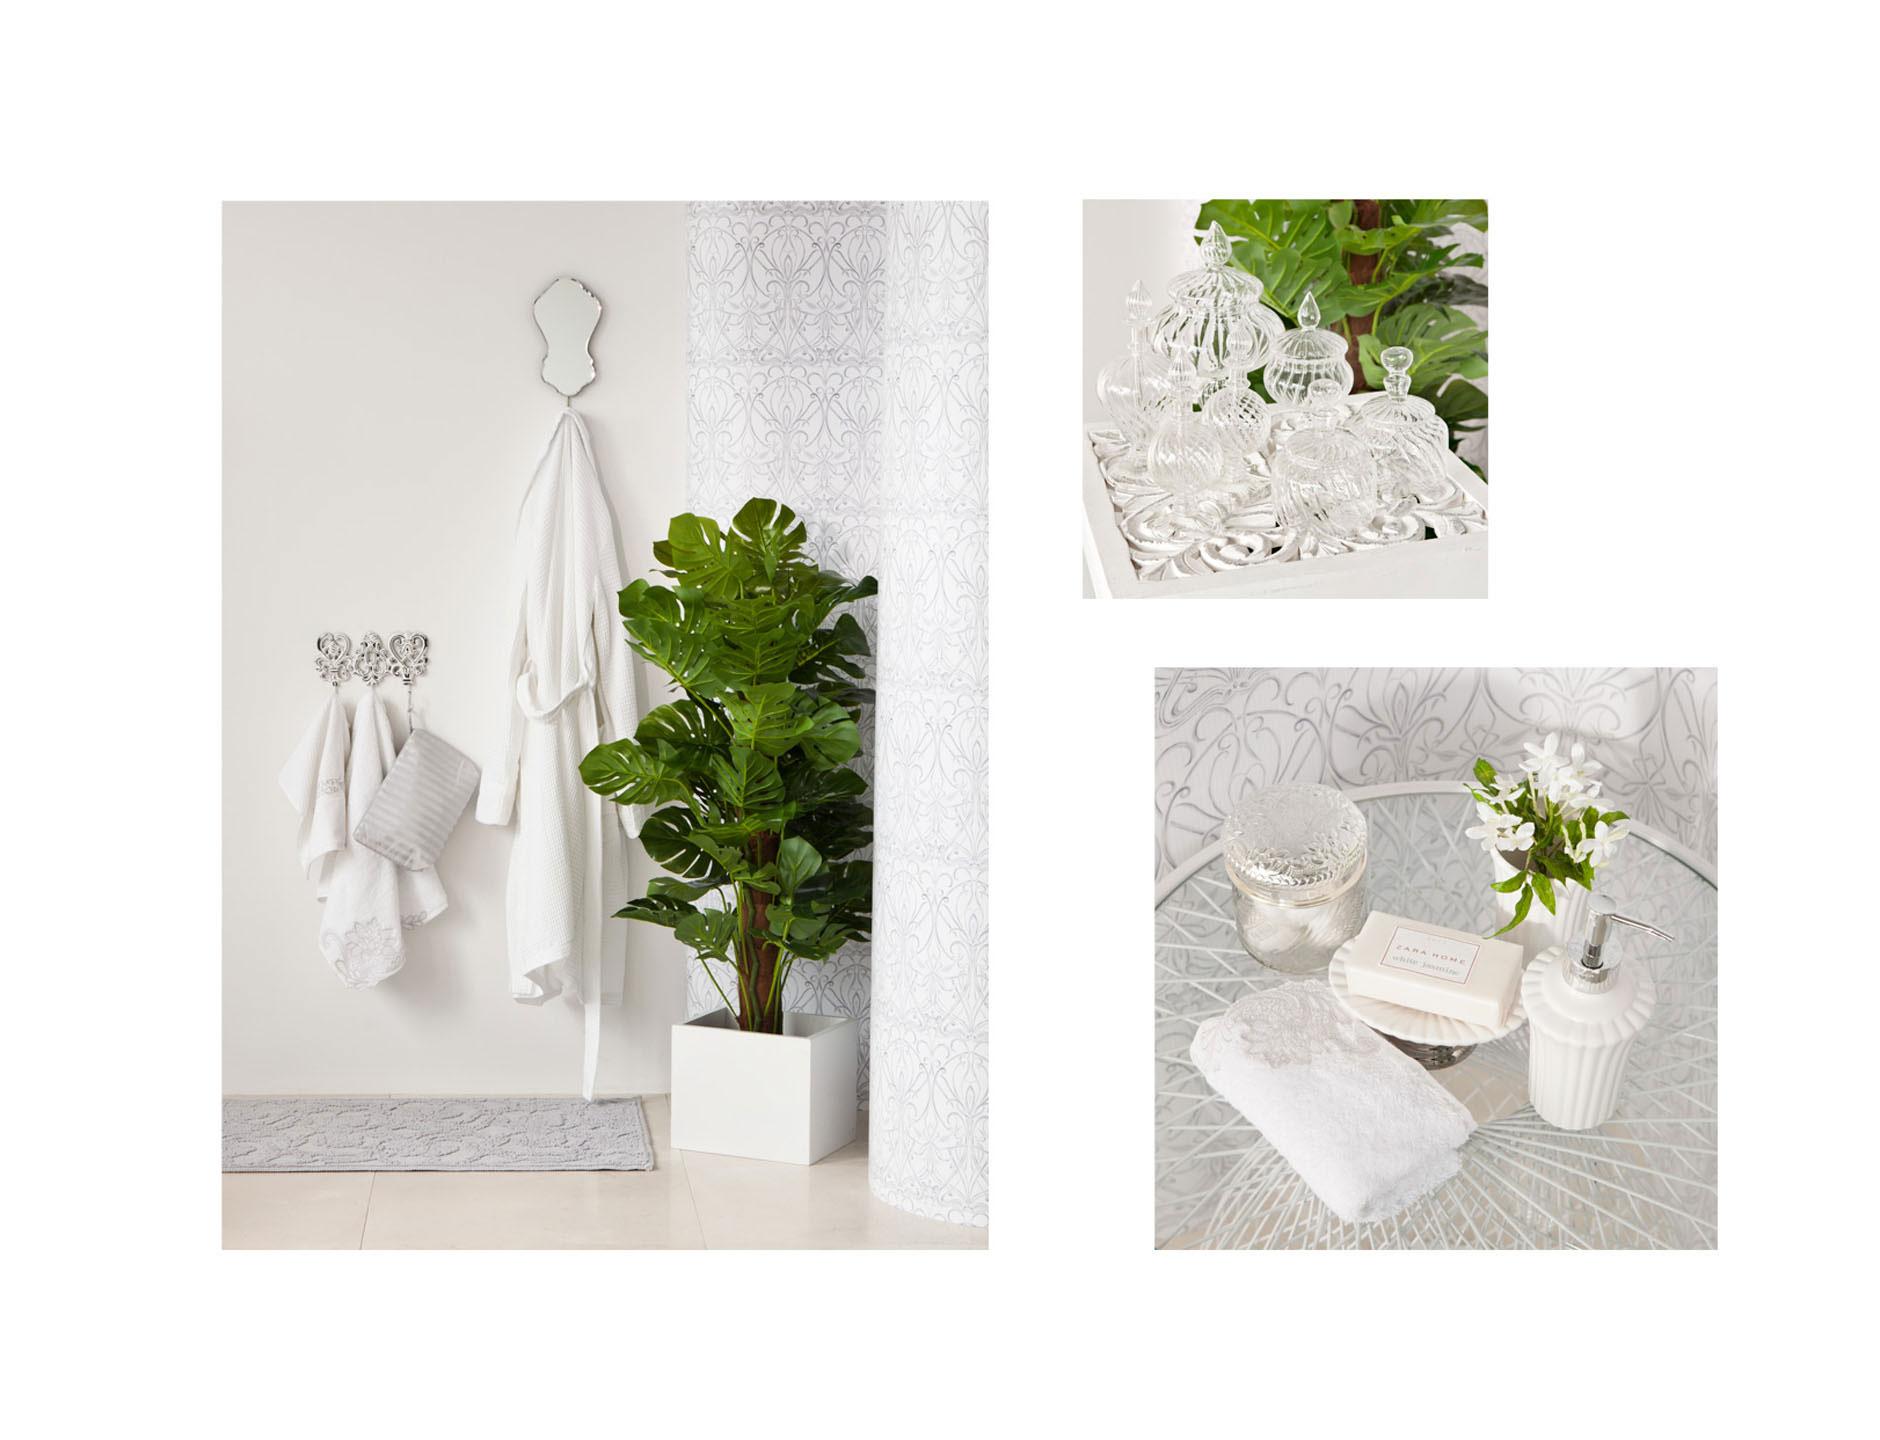 Zara Home Catalogo Marzo 2014 (6) Design Mon Amour #4B6114 1880 1440 Zara Home Sala Da Pranzo